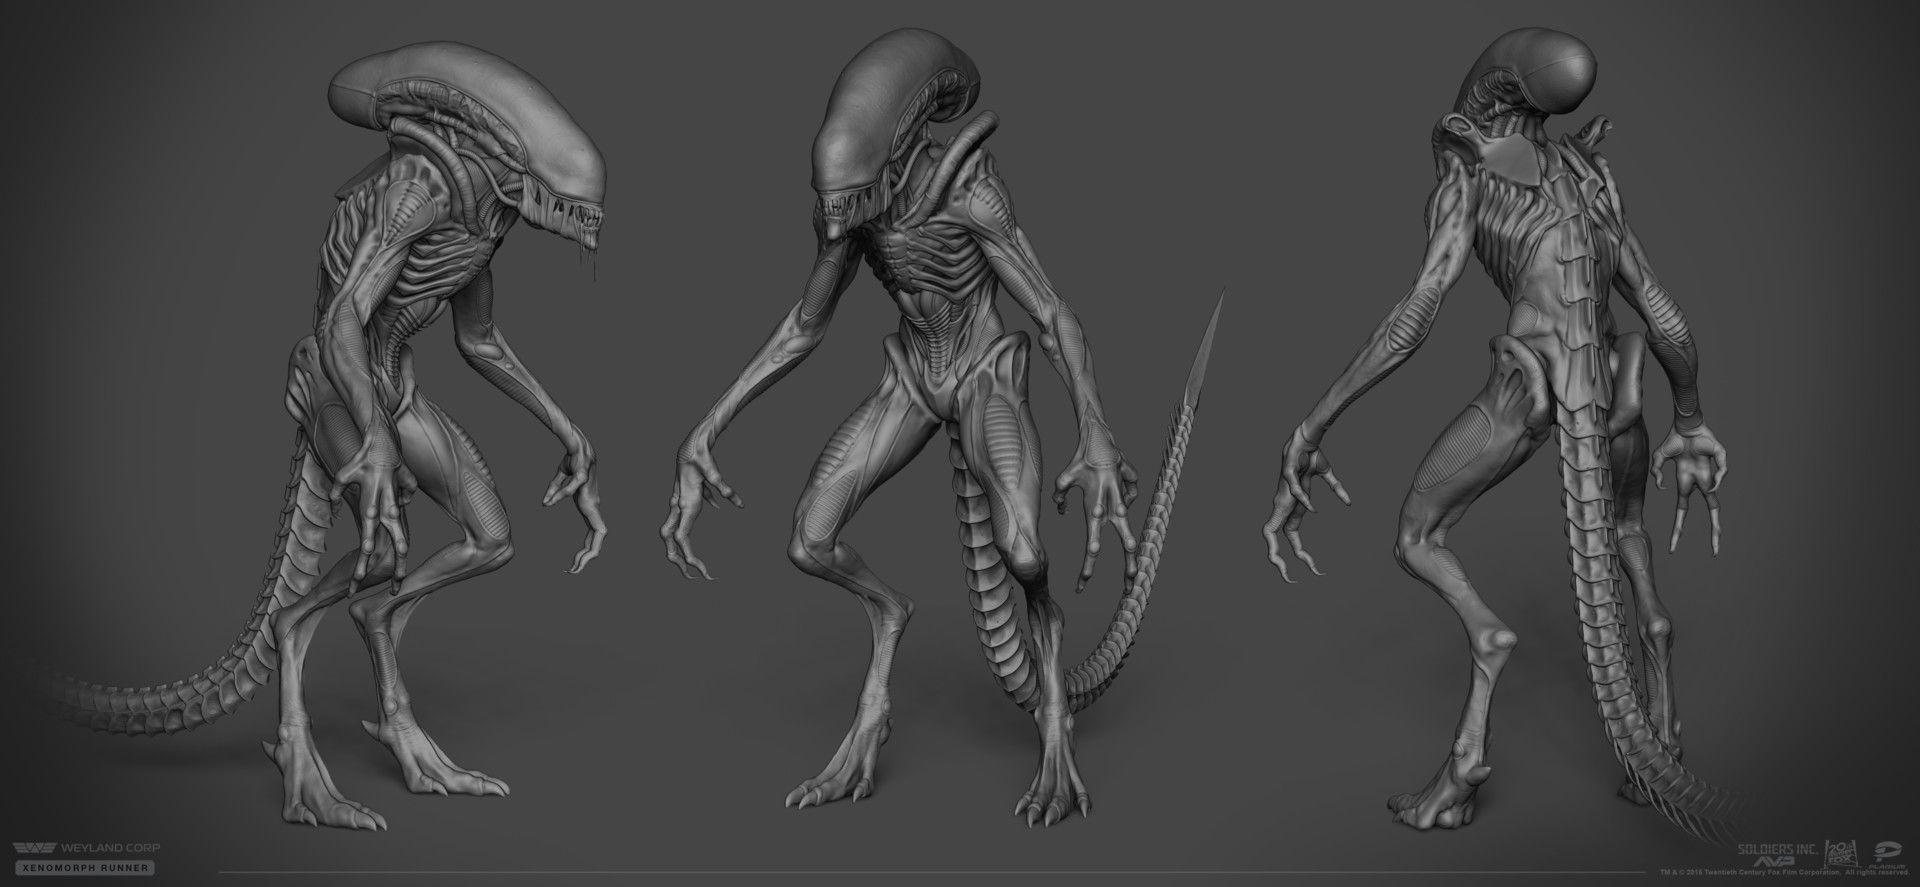 ArtStation - Xenomorph Runner, Danil Solovyov   Monster